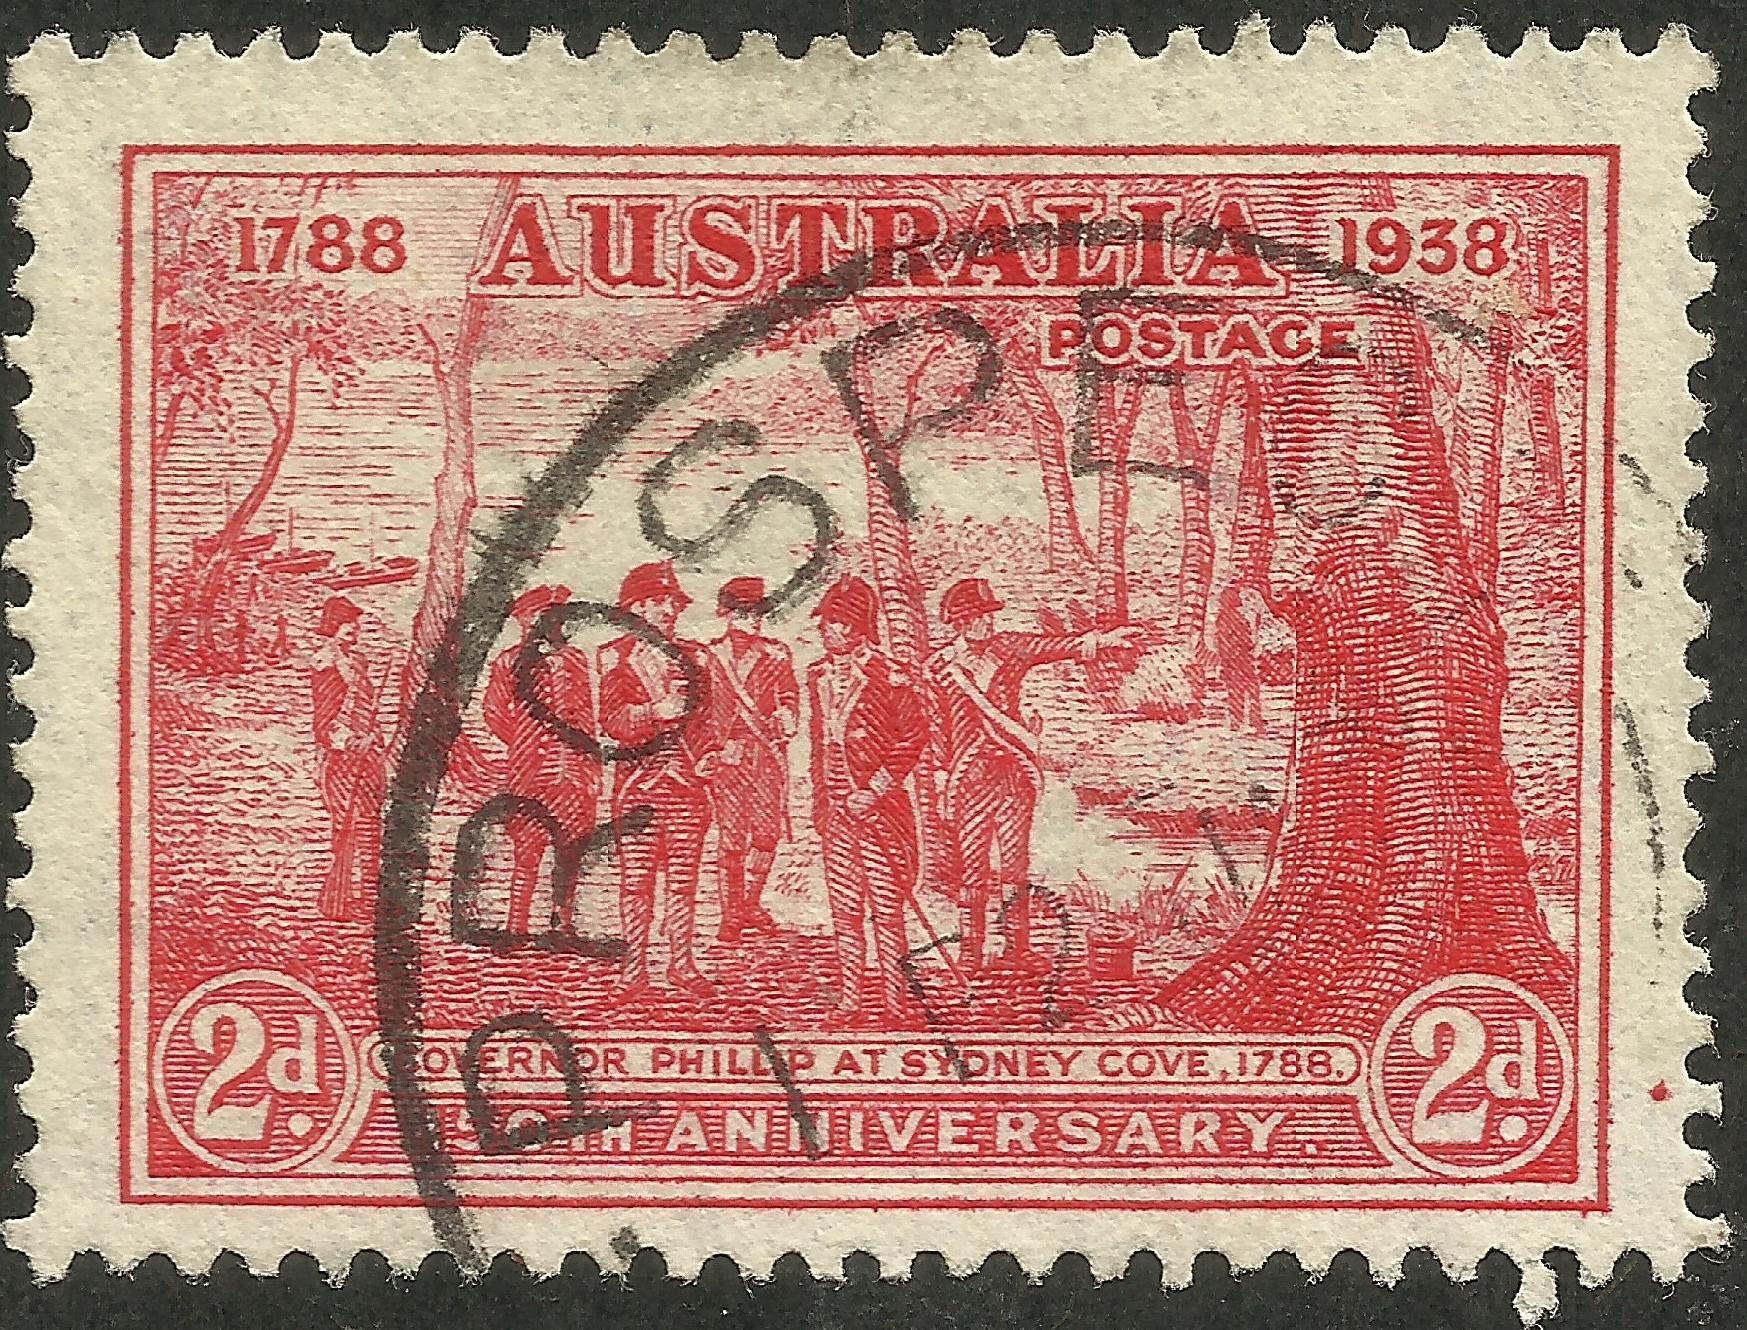 Australia - Scott #163 (1937)